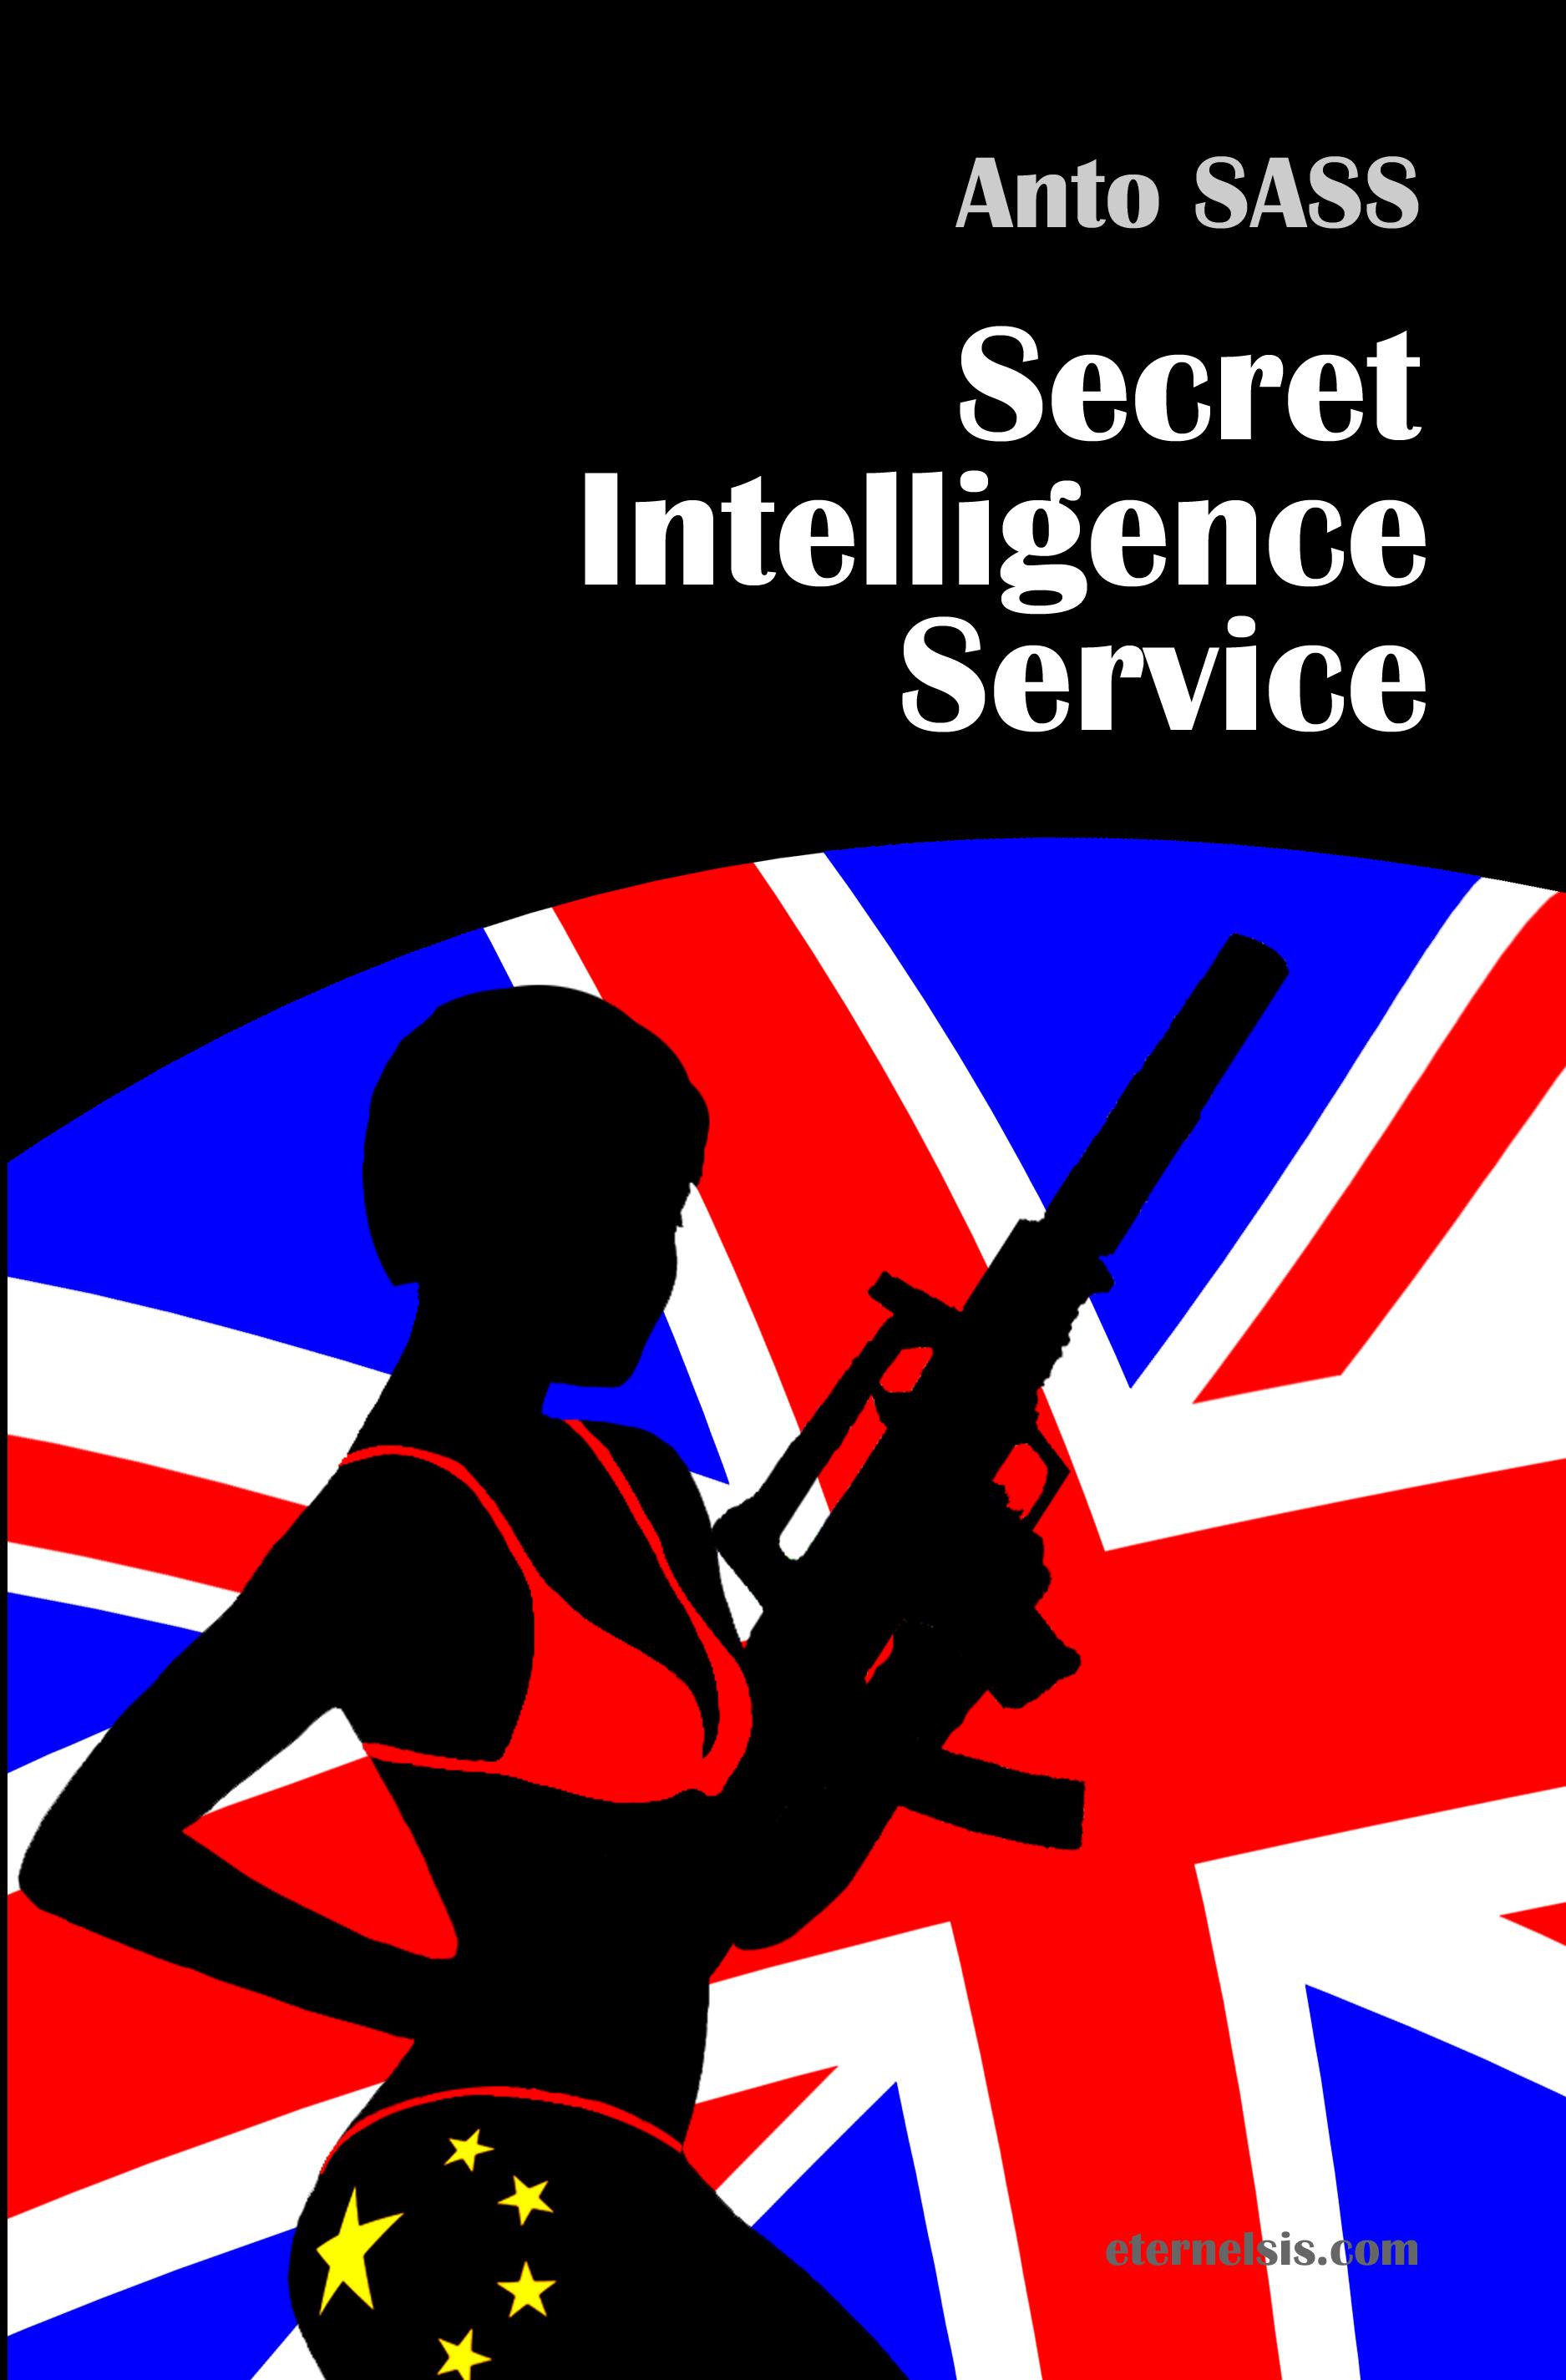 secret intelligence service  by  Anto Sass